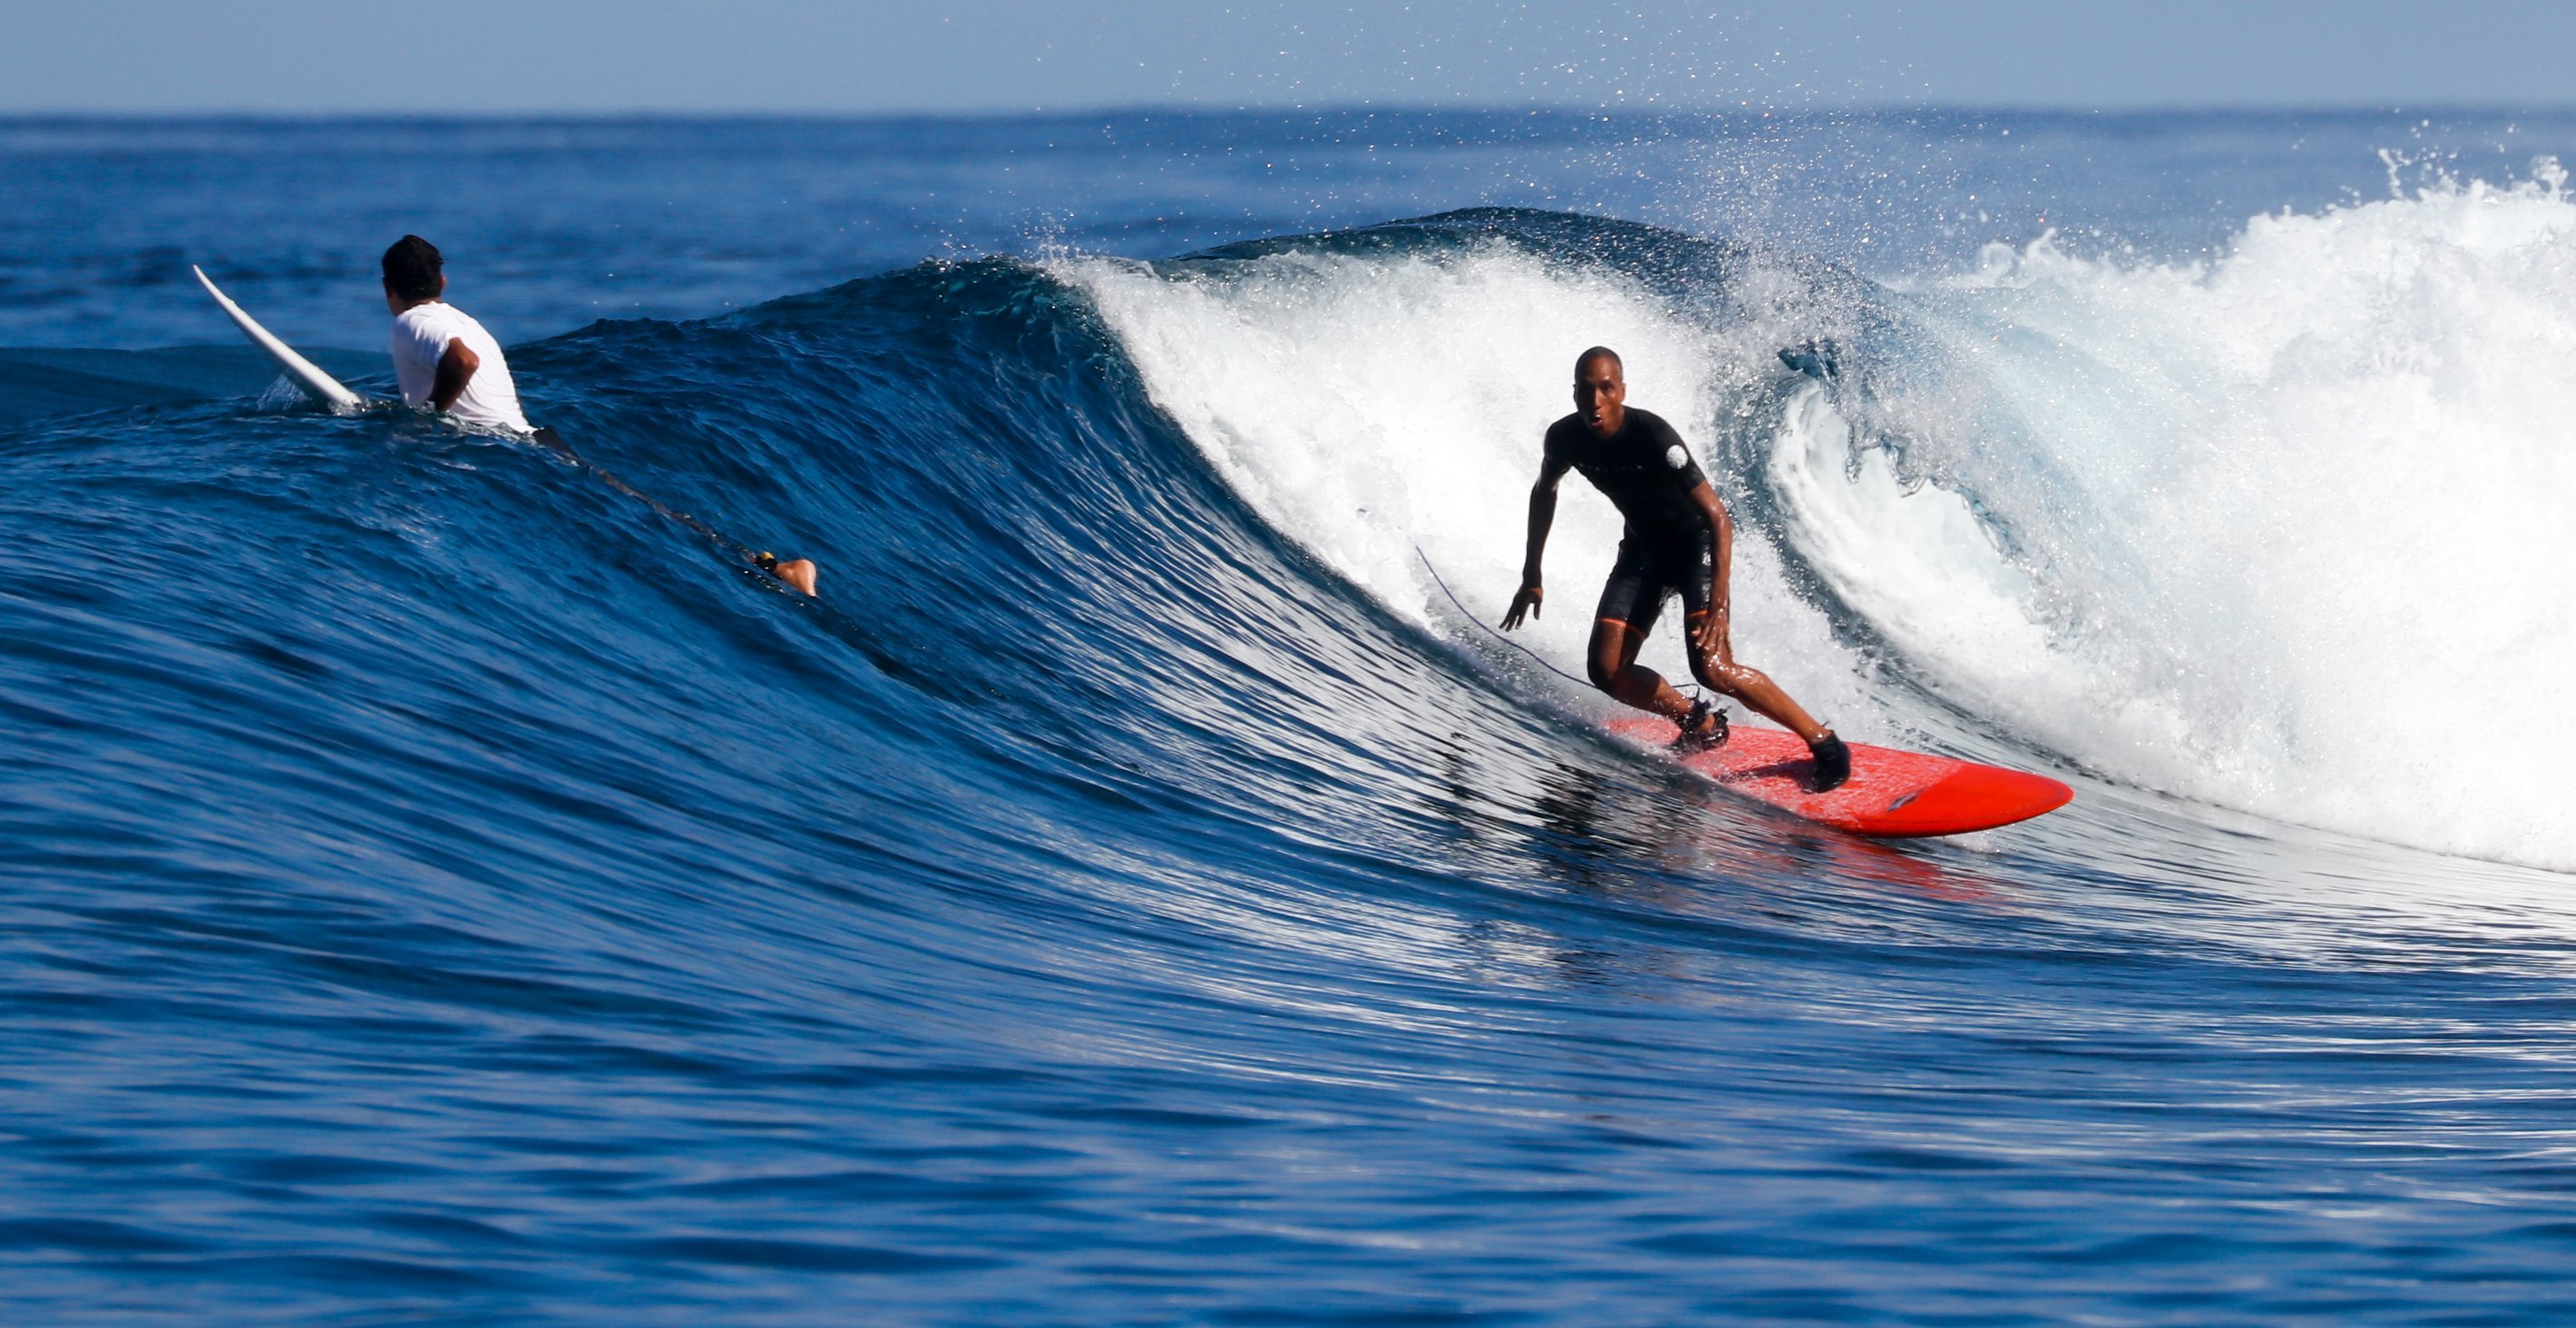 Olivier_Pinnacles_Lodge_Surf